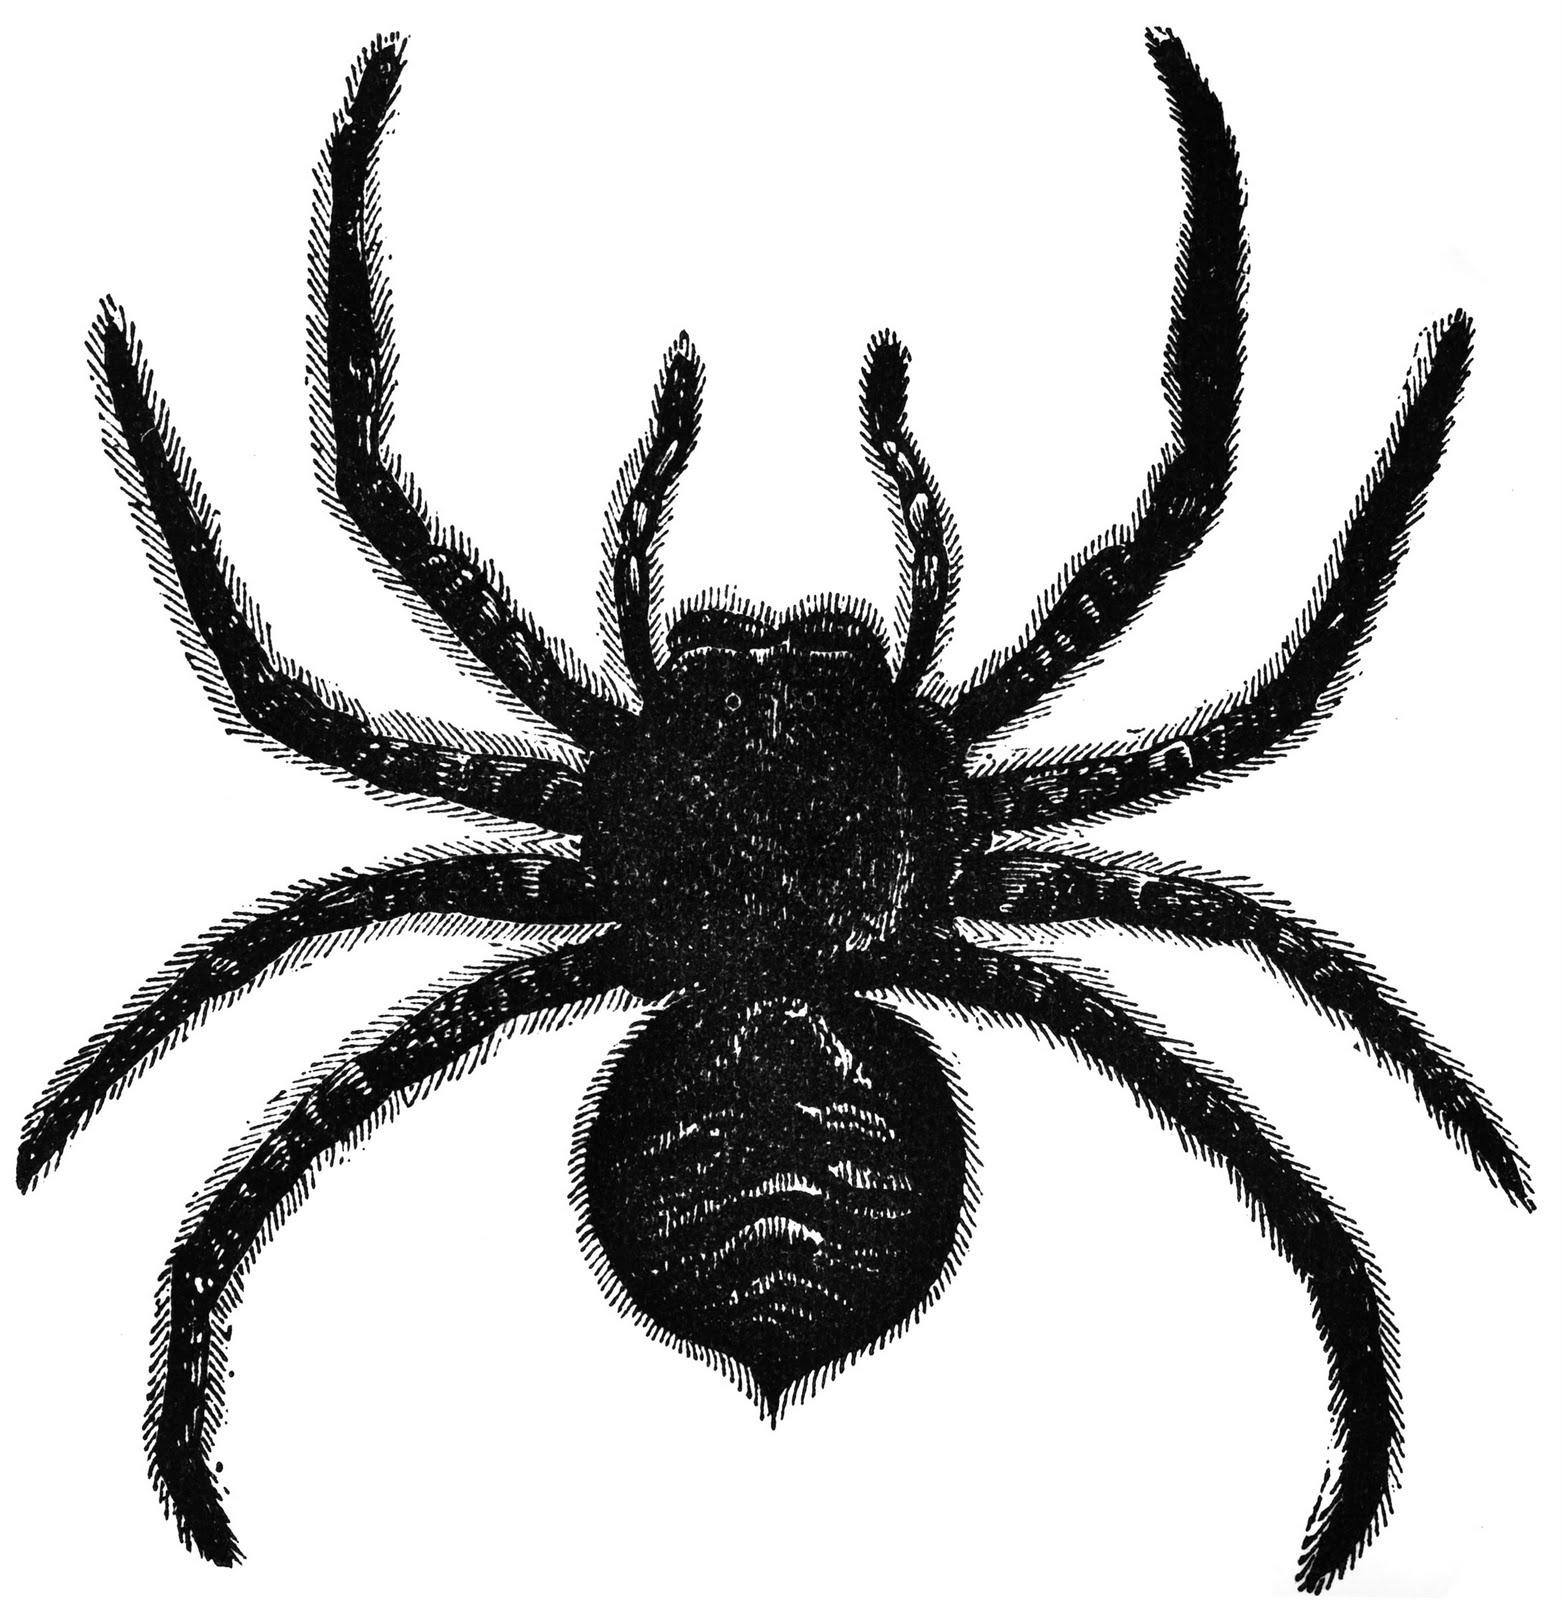 Tarantula clipart #2, Download drawings